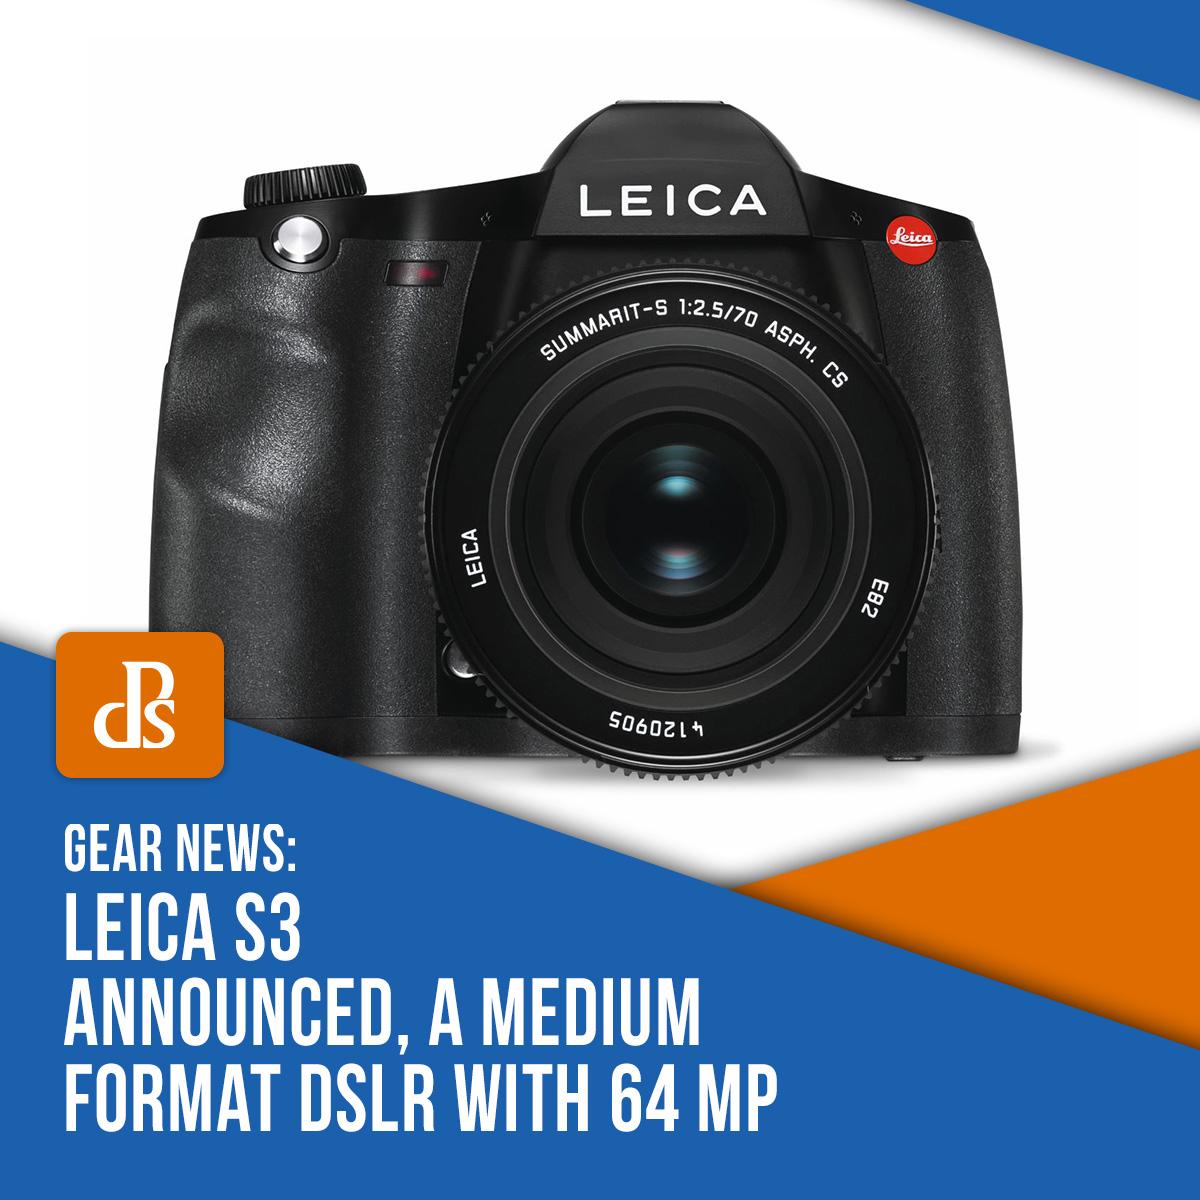 leica s3 announced